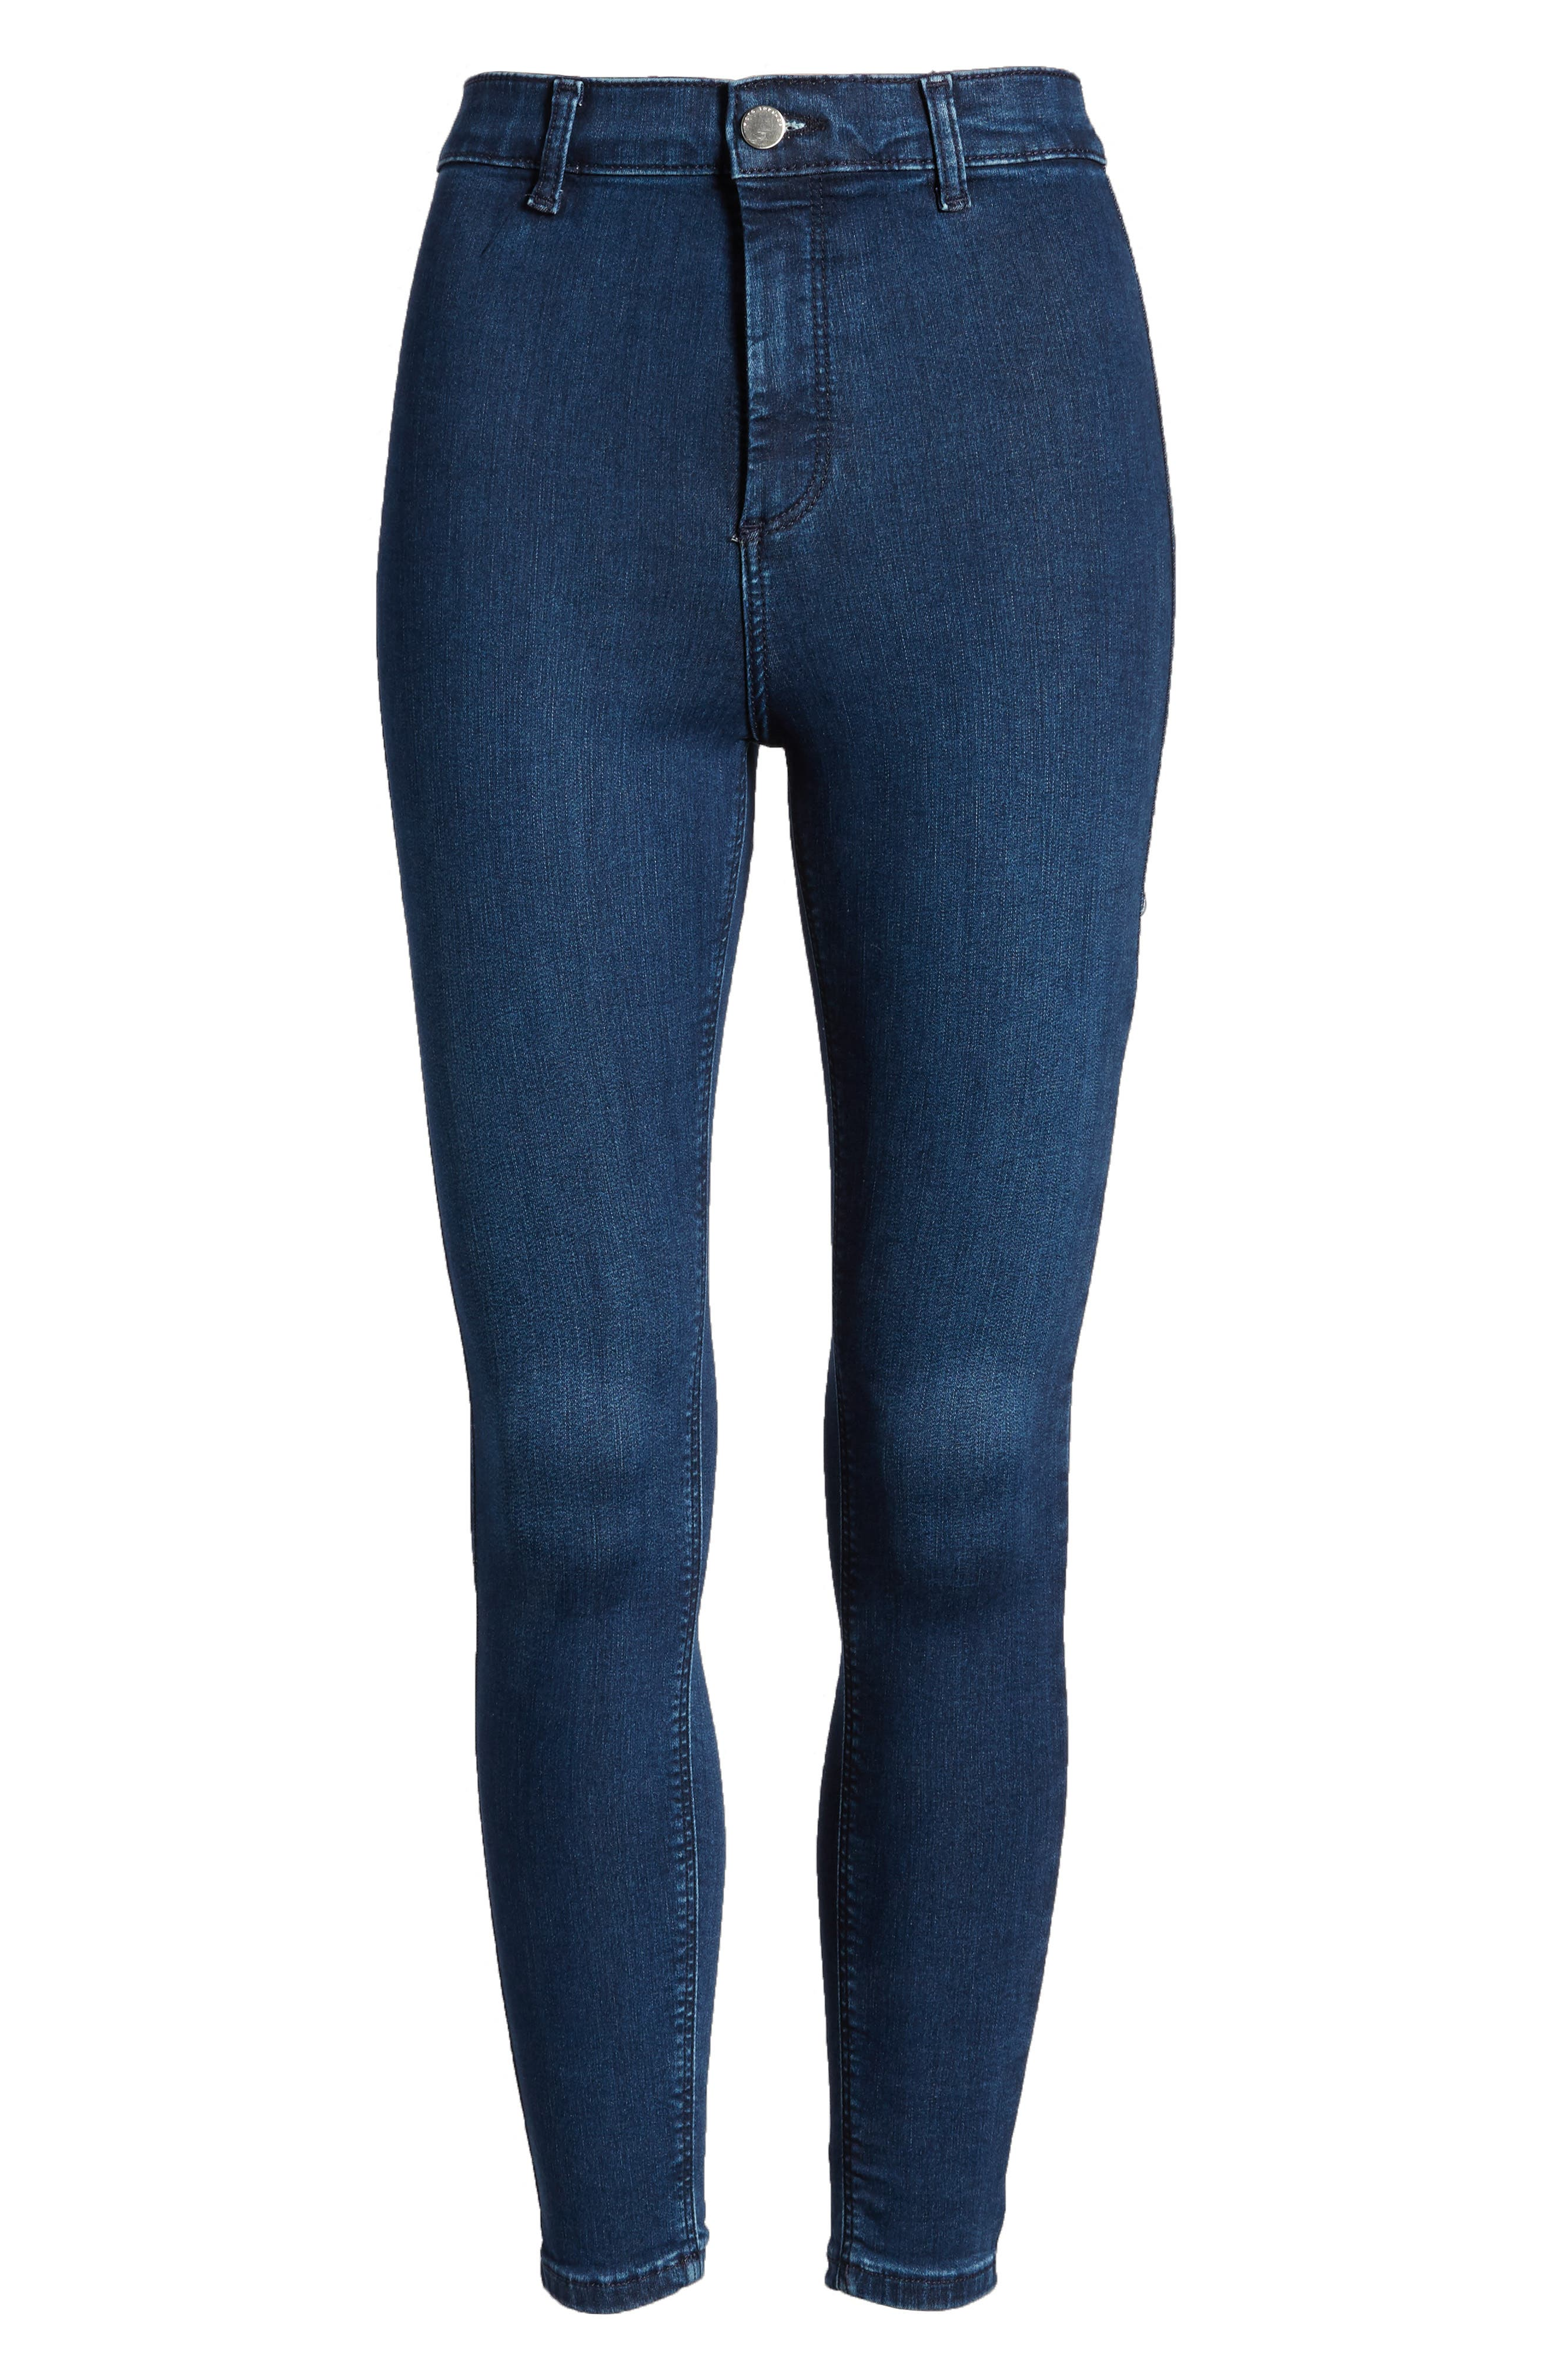 Moto Joni Indigo Jeans,                             Alternate thumbnail 6, color,